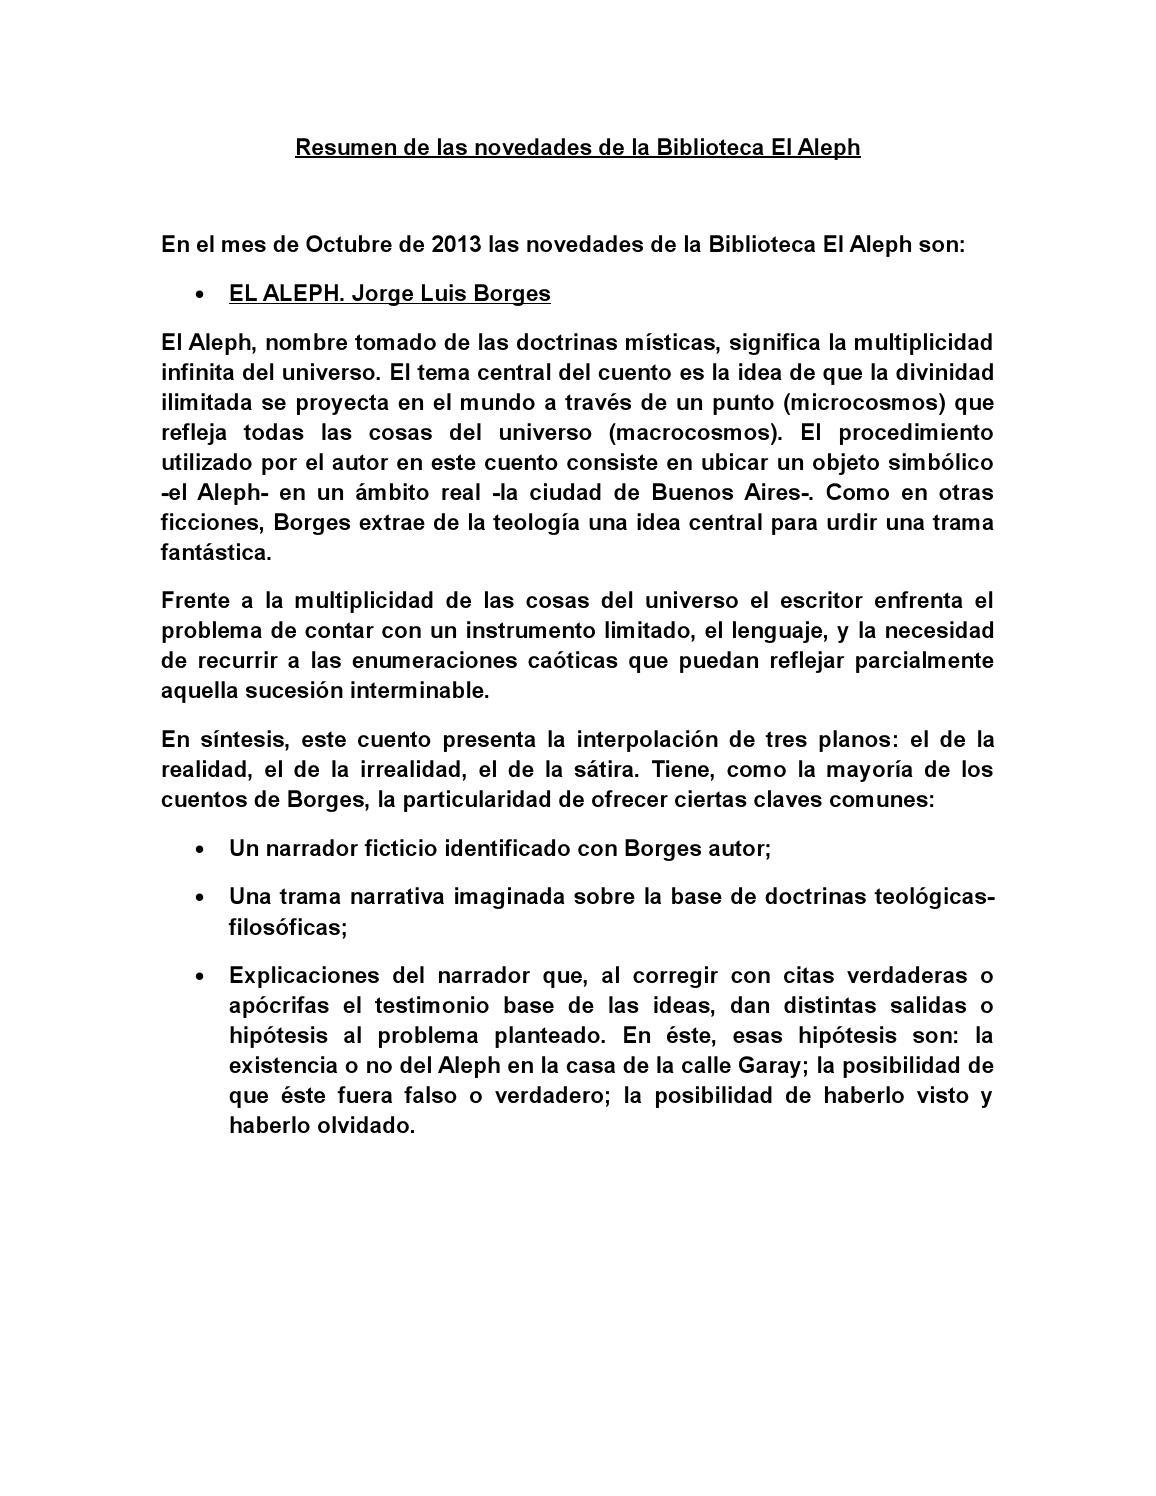 Resumen de las novedades de la biblioteca el aleph by Jorge De ...